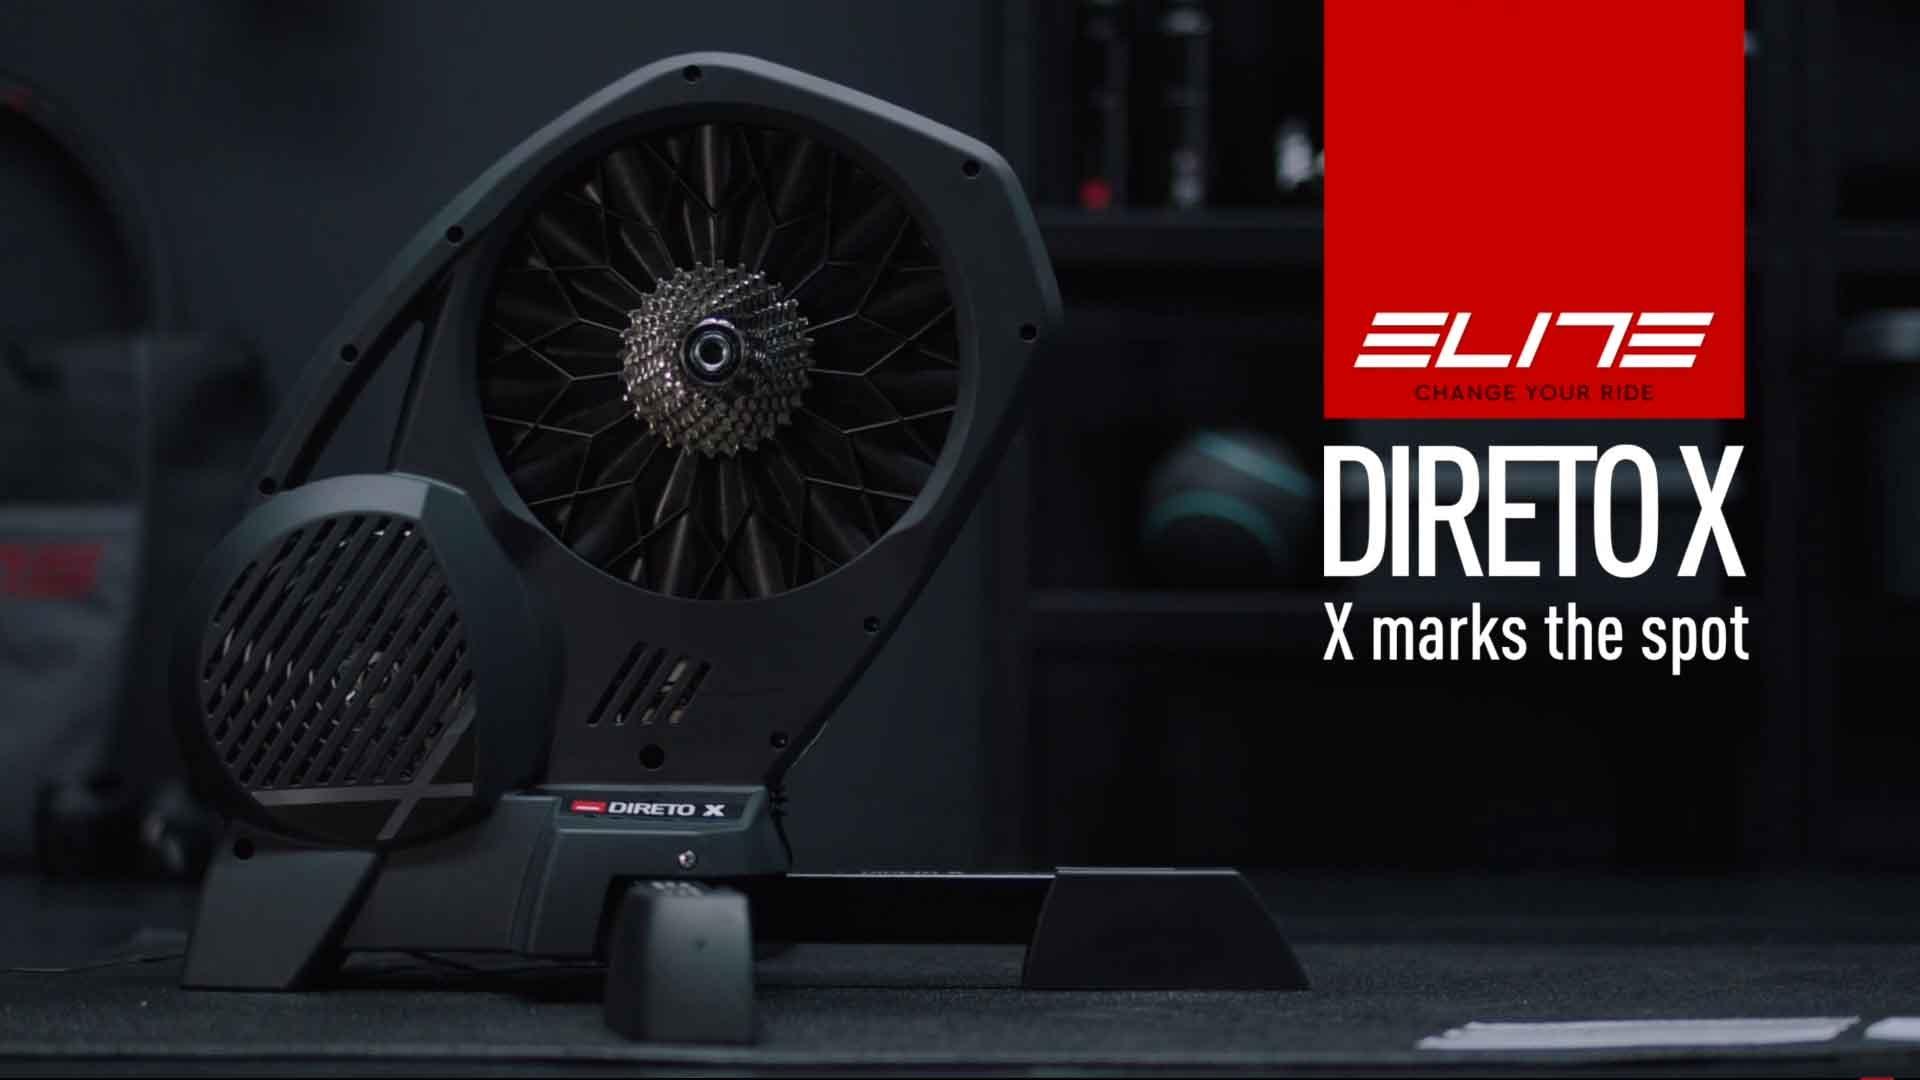 Elite DIRETO X - X marks the spot